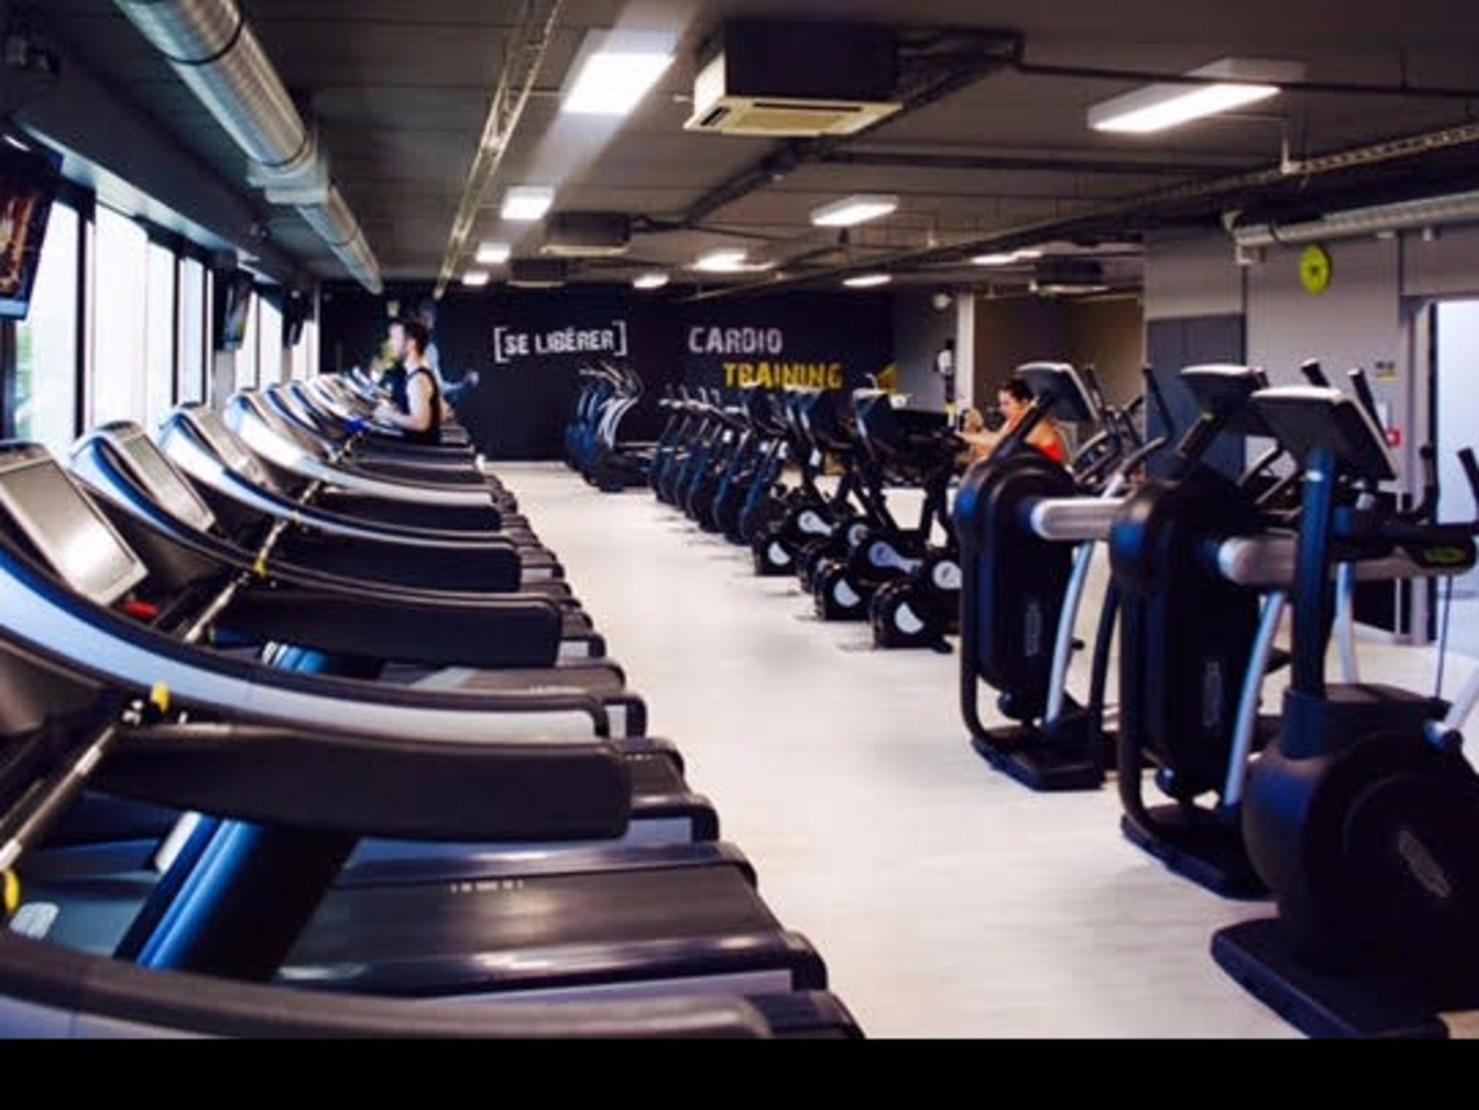 Fitness park bonneuil bonneuil sur marne tarifs avis horaires offre d couverte - Garage bonneuil sur marne ...